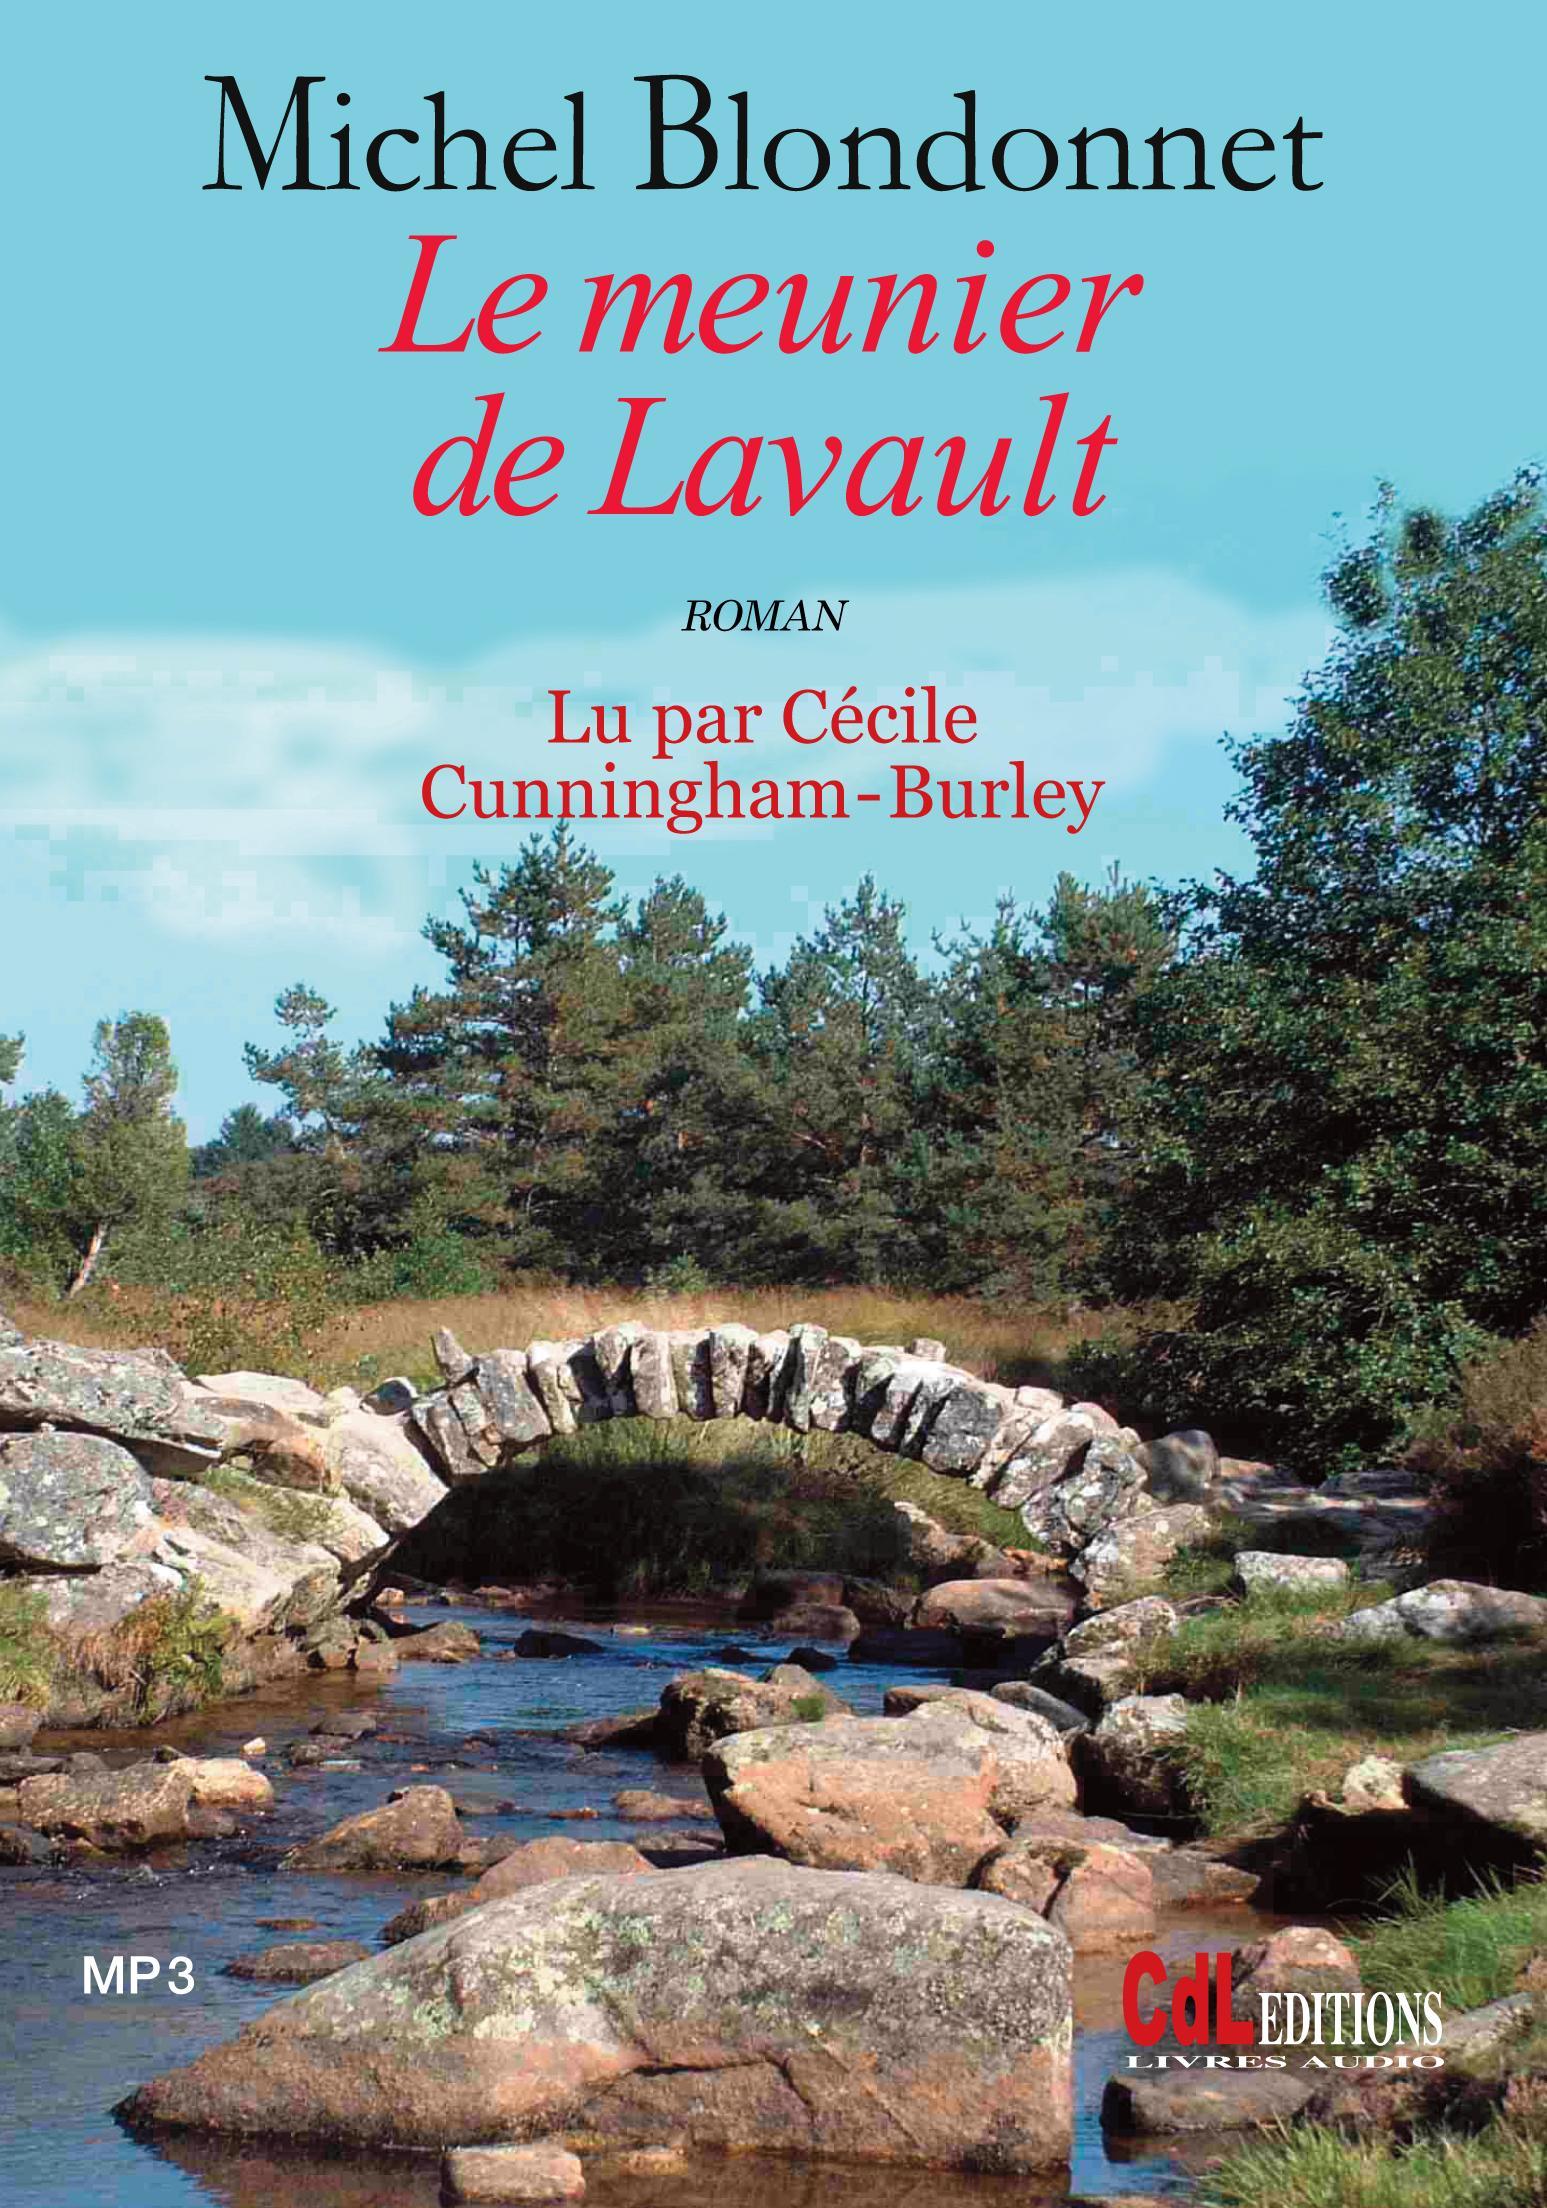 Le meunier de Lavault